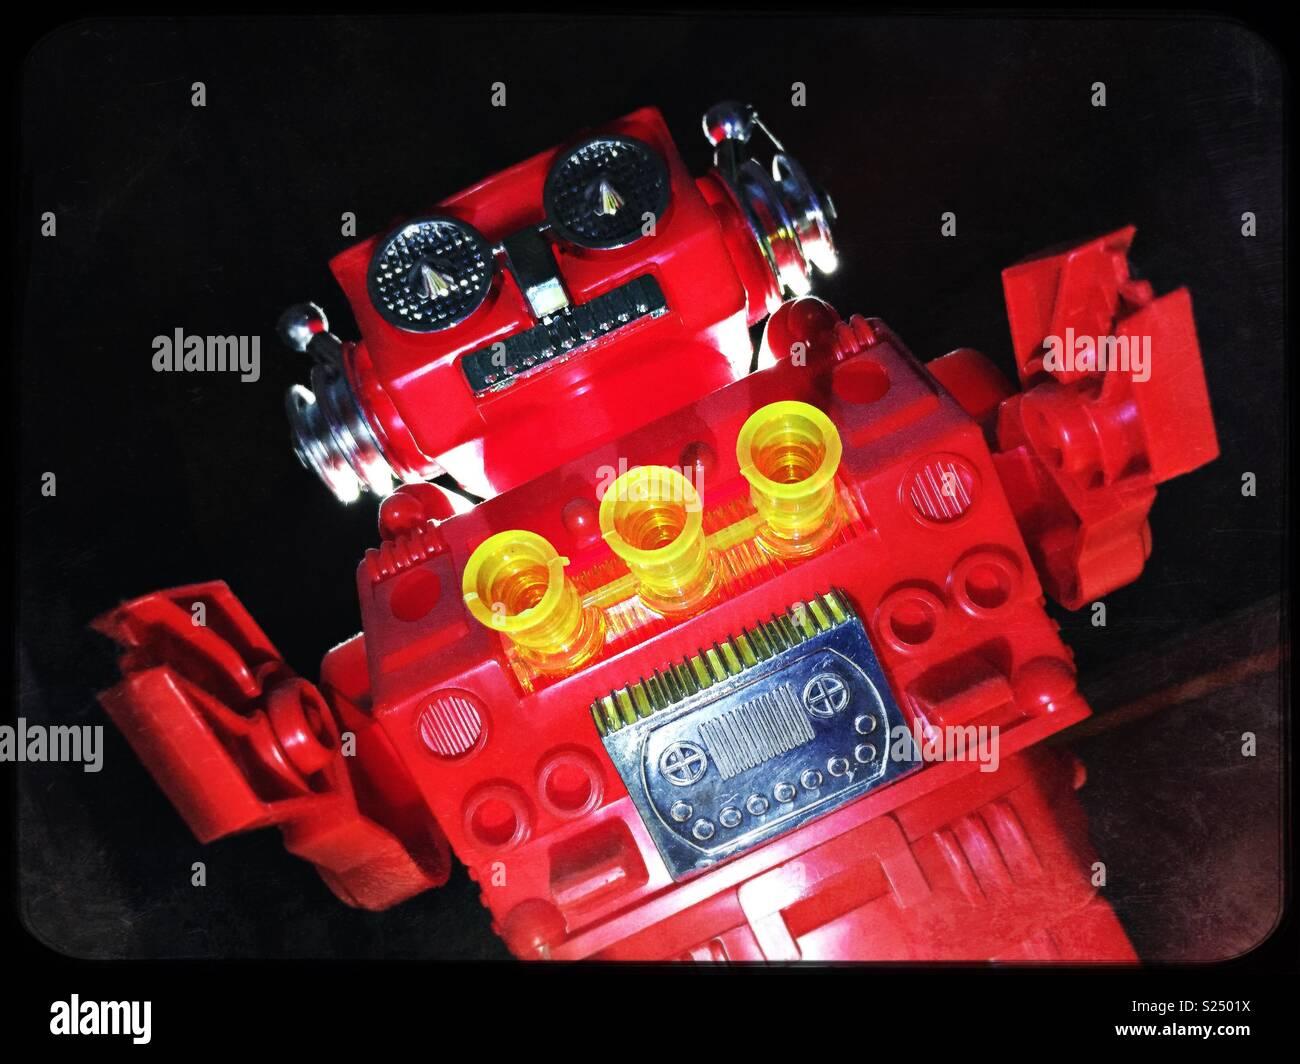 Large menacing red scary robot - Stock Image